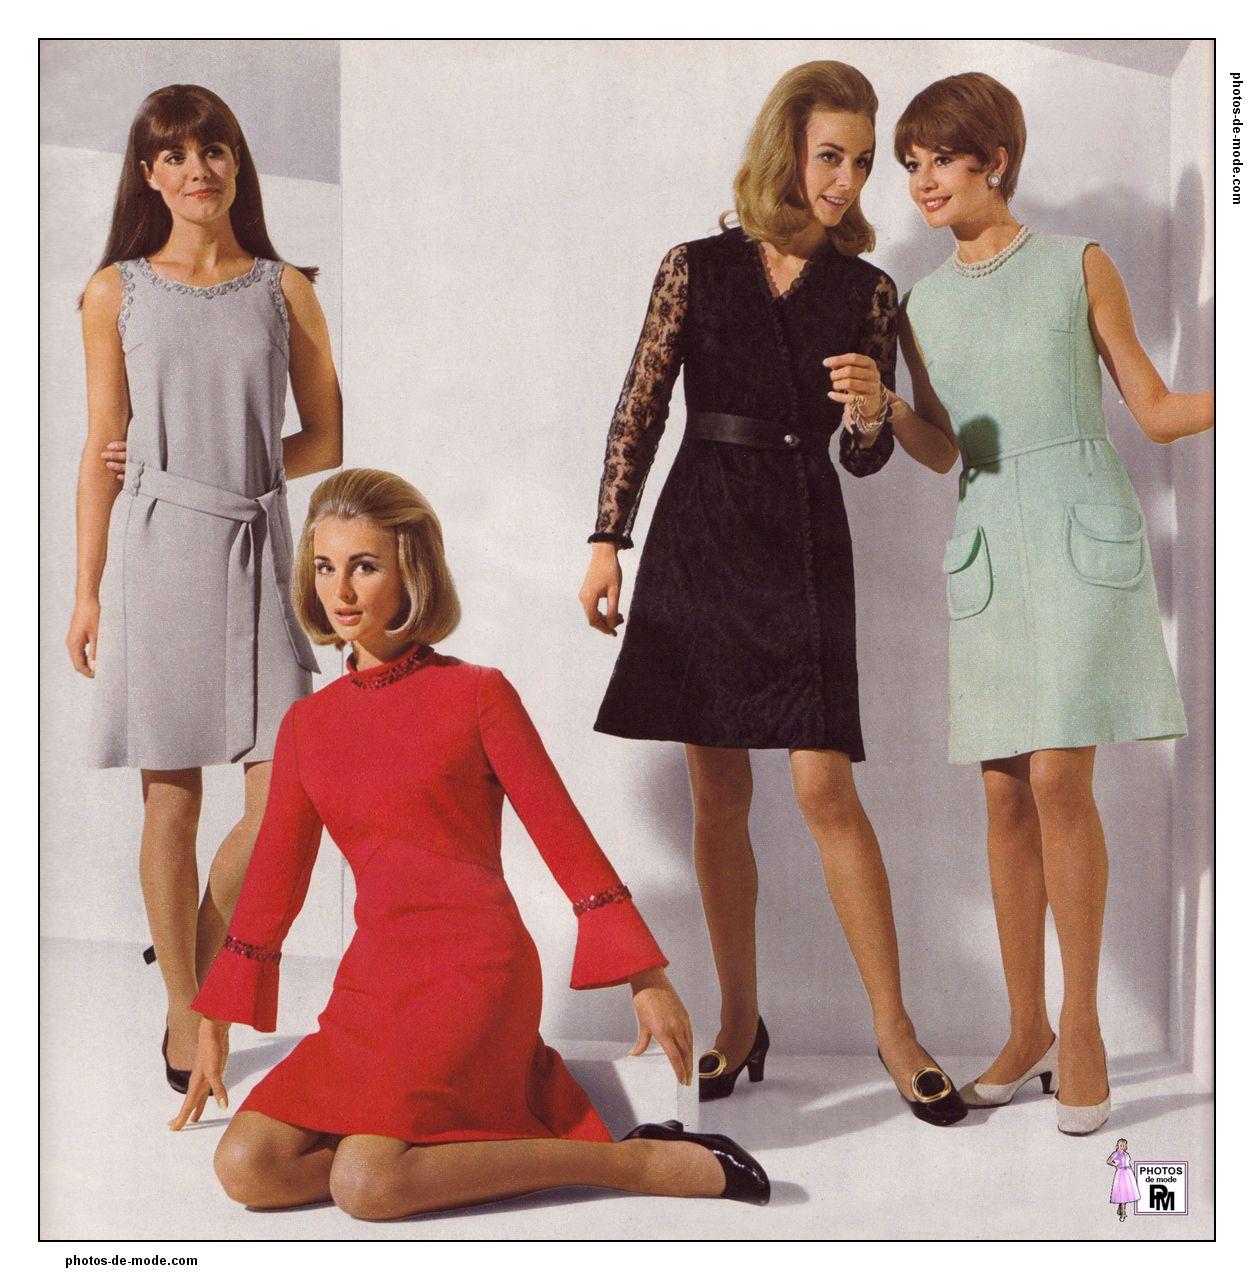 Photos de mode r tro des ann es 1950 1960 et 1970 femmes et stars des fifties sixties et seventies - Mode annee 70 femme ...